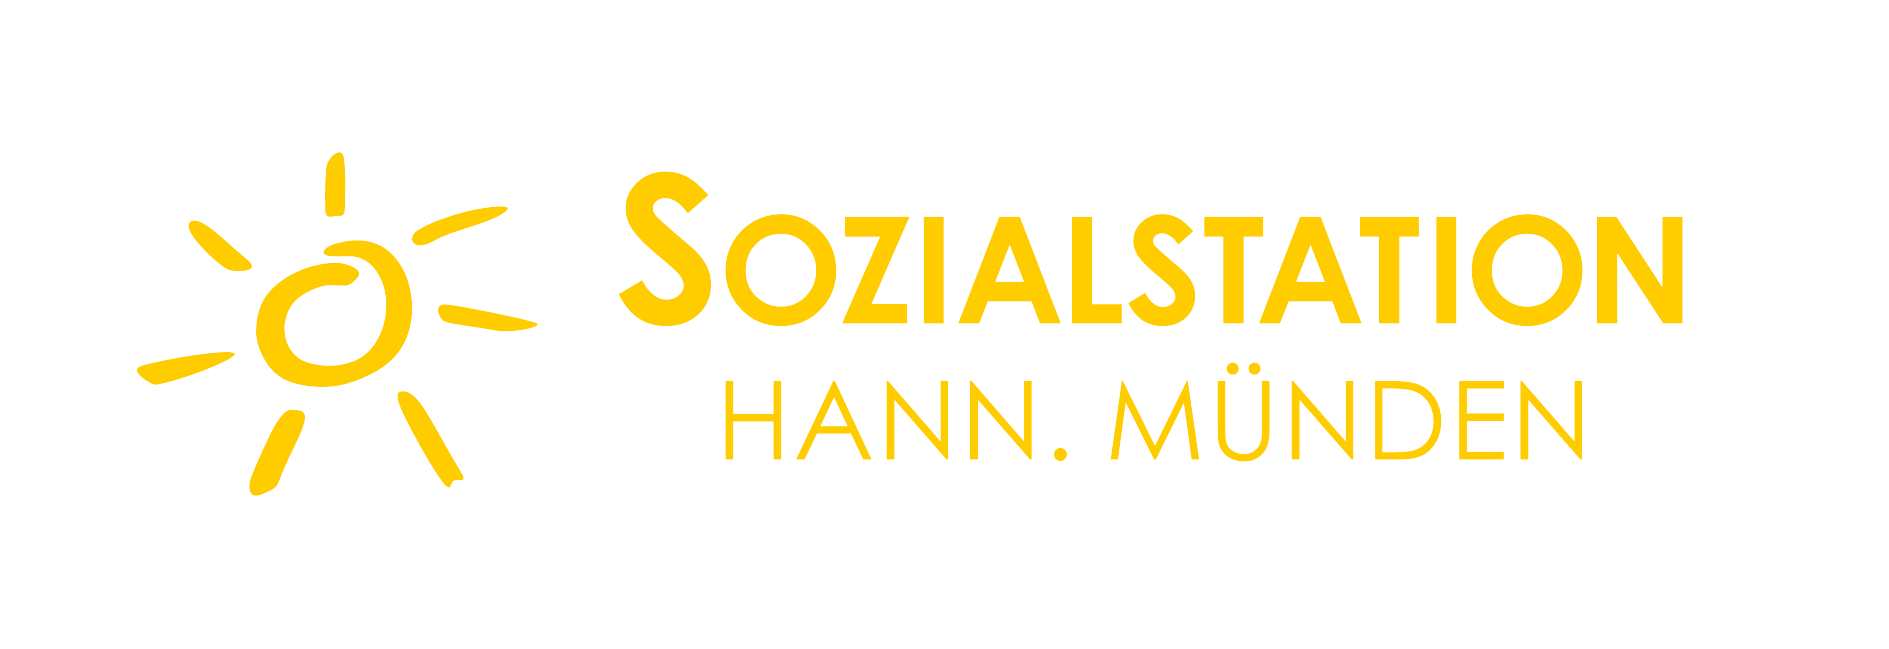 Sozialstation Hann. Münden